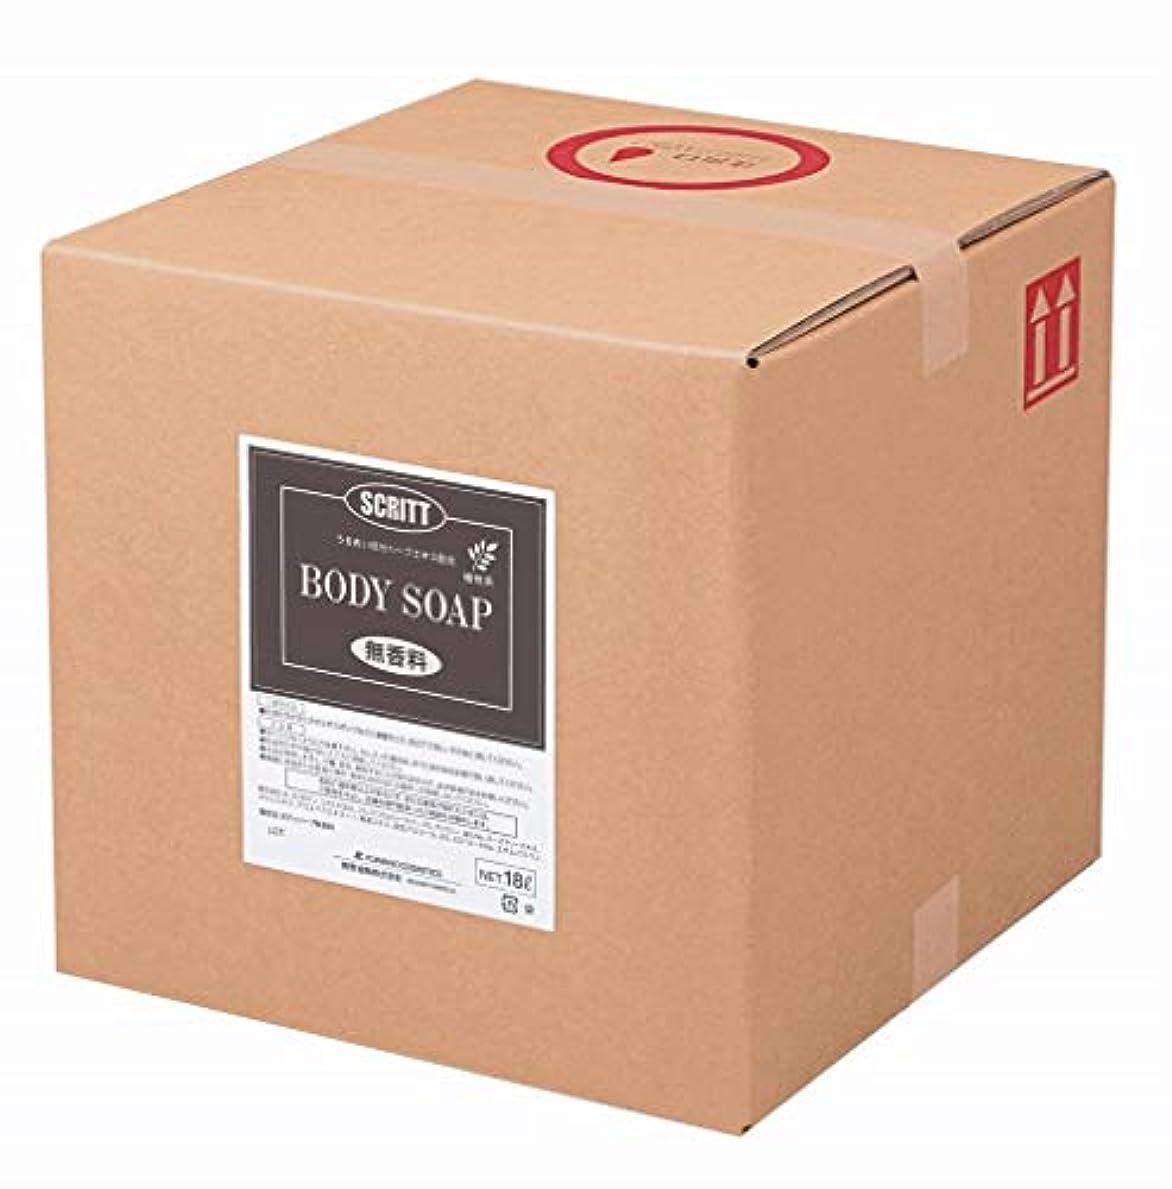 課税困惑する自明業務用 SCRITT(スクリット)無香料ボディソープ 18L 熊野油脂 (コック付き)